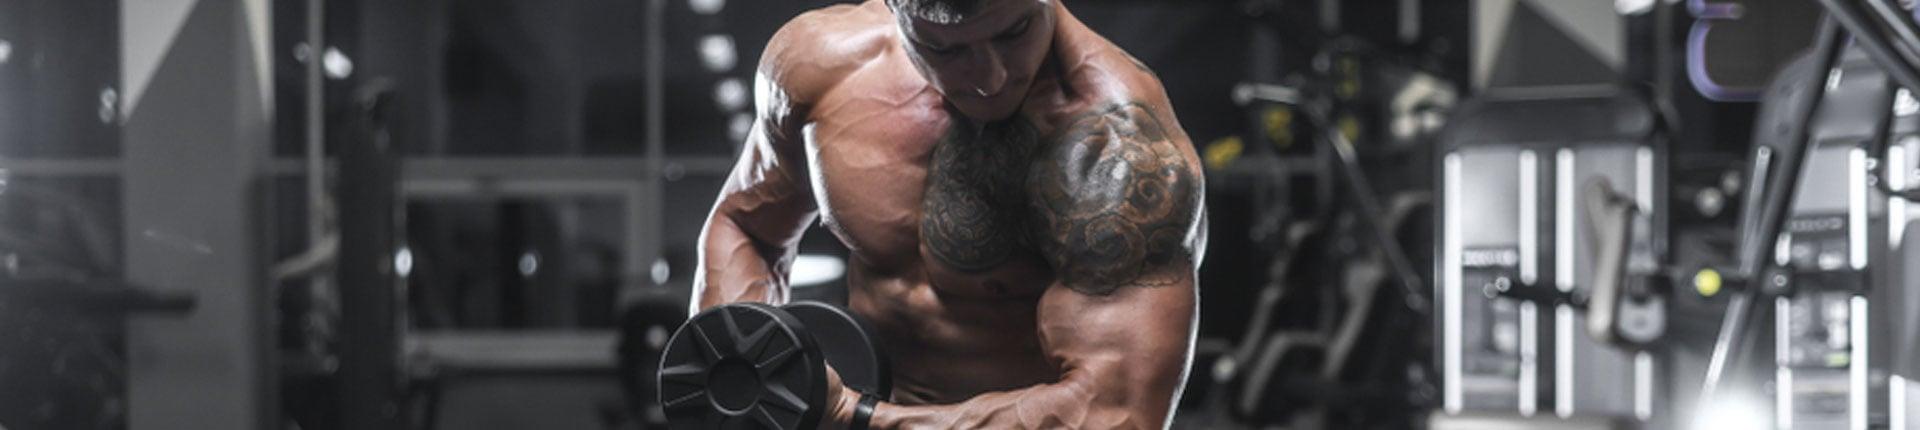 Najlepsze legalne anaboliki na przyrost masy mięśniowej